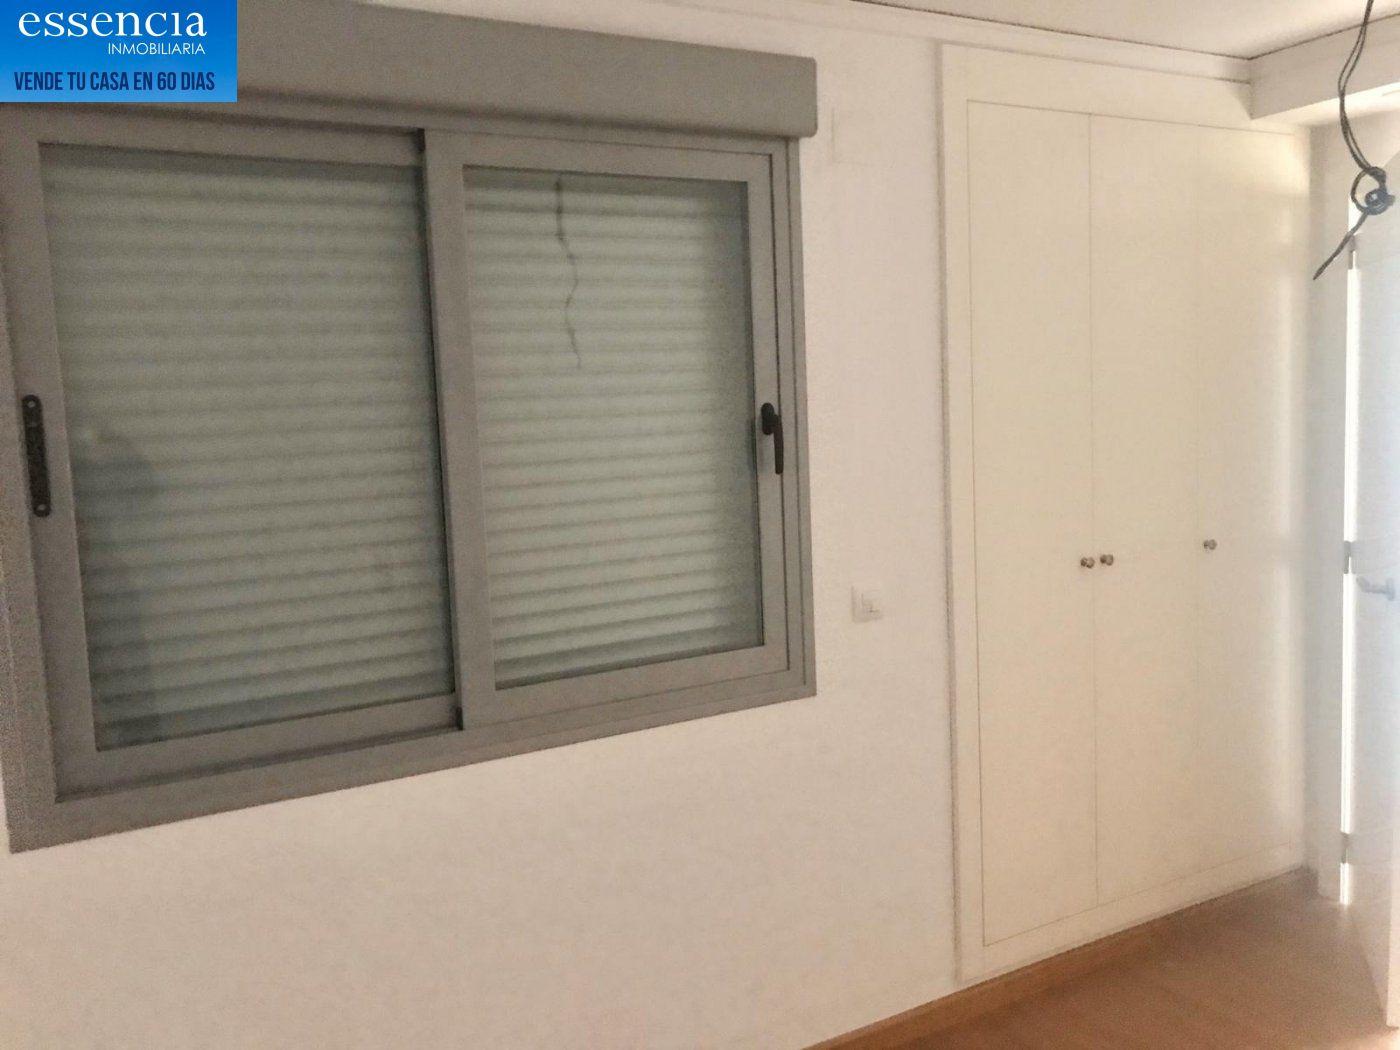 PromociÓn de pisos a estrenar en calle pare pasqual de gandia. 3 ya reservados - imagenInmueble20